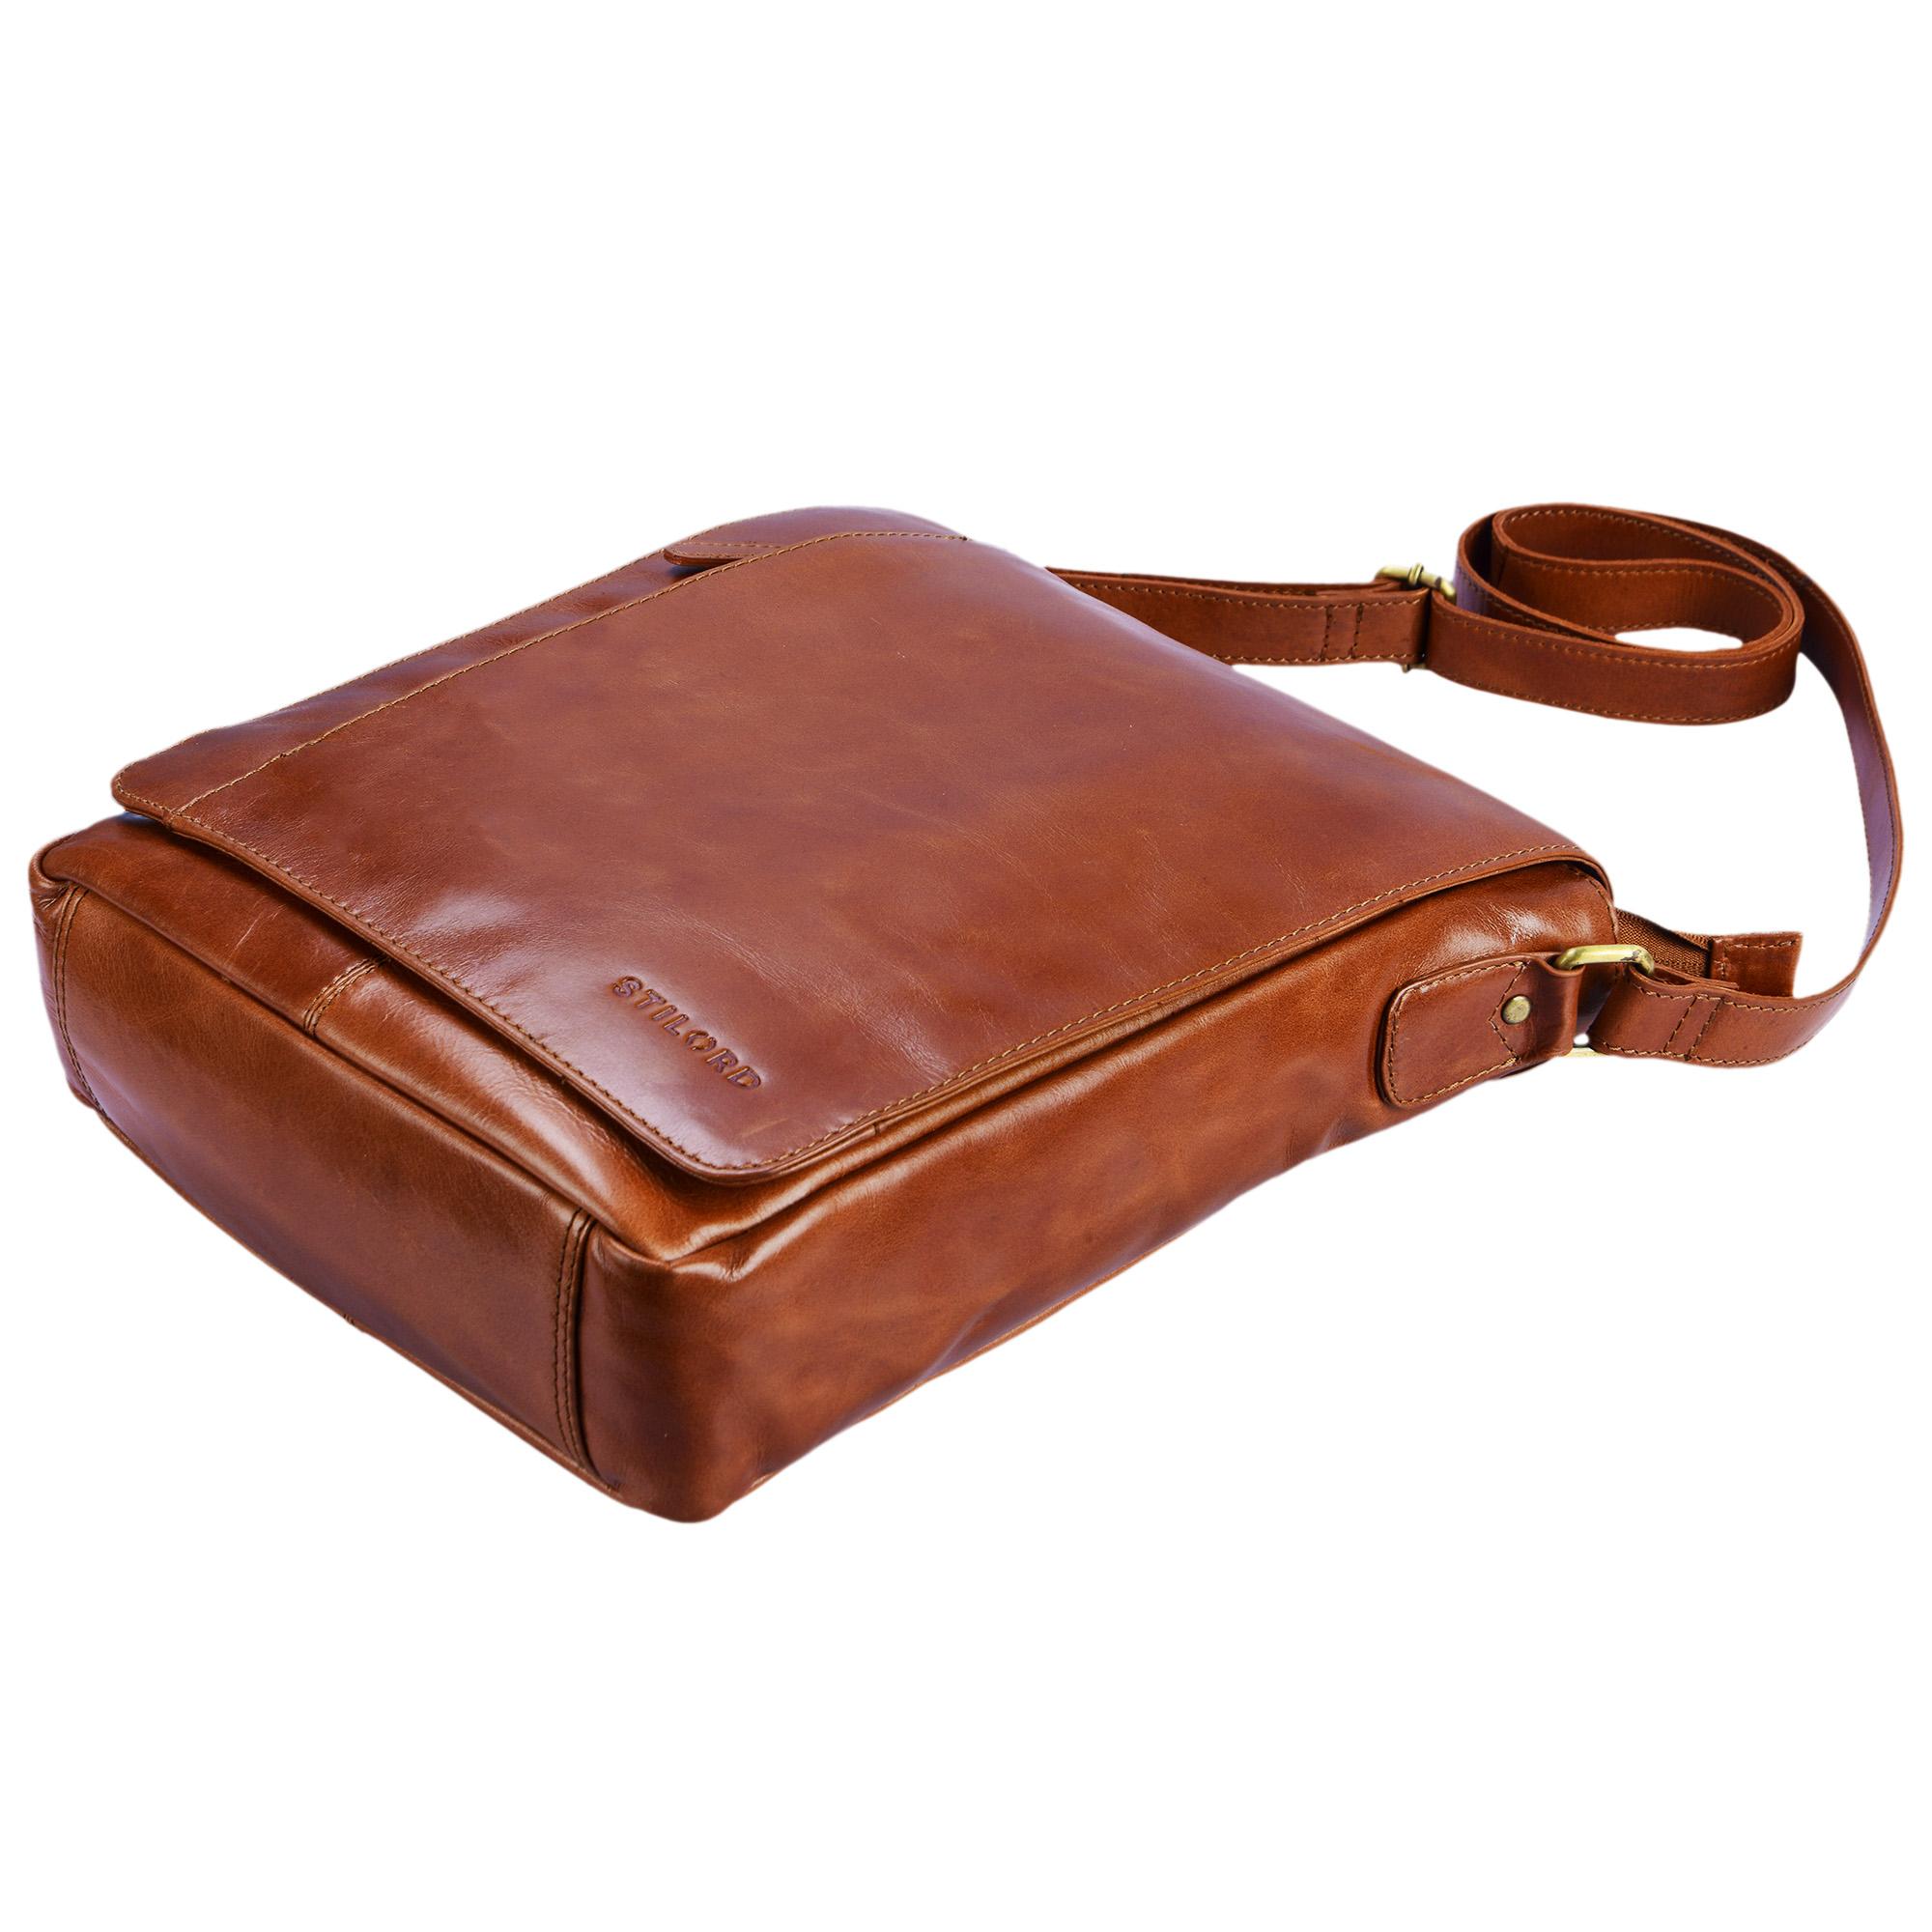 """STILORD """"Paul"""" Umhängetasche Herren Leder Hochformat braune Messenger Bag im Vintage Design Ledertasche für 13,3 Zoll MacBook iPad DIN A4 Herrentasche Echtleder - Bild 14"""